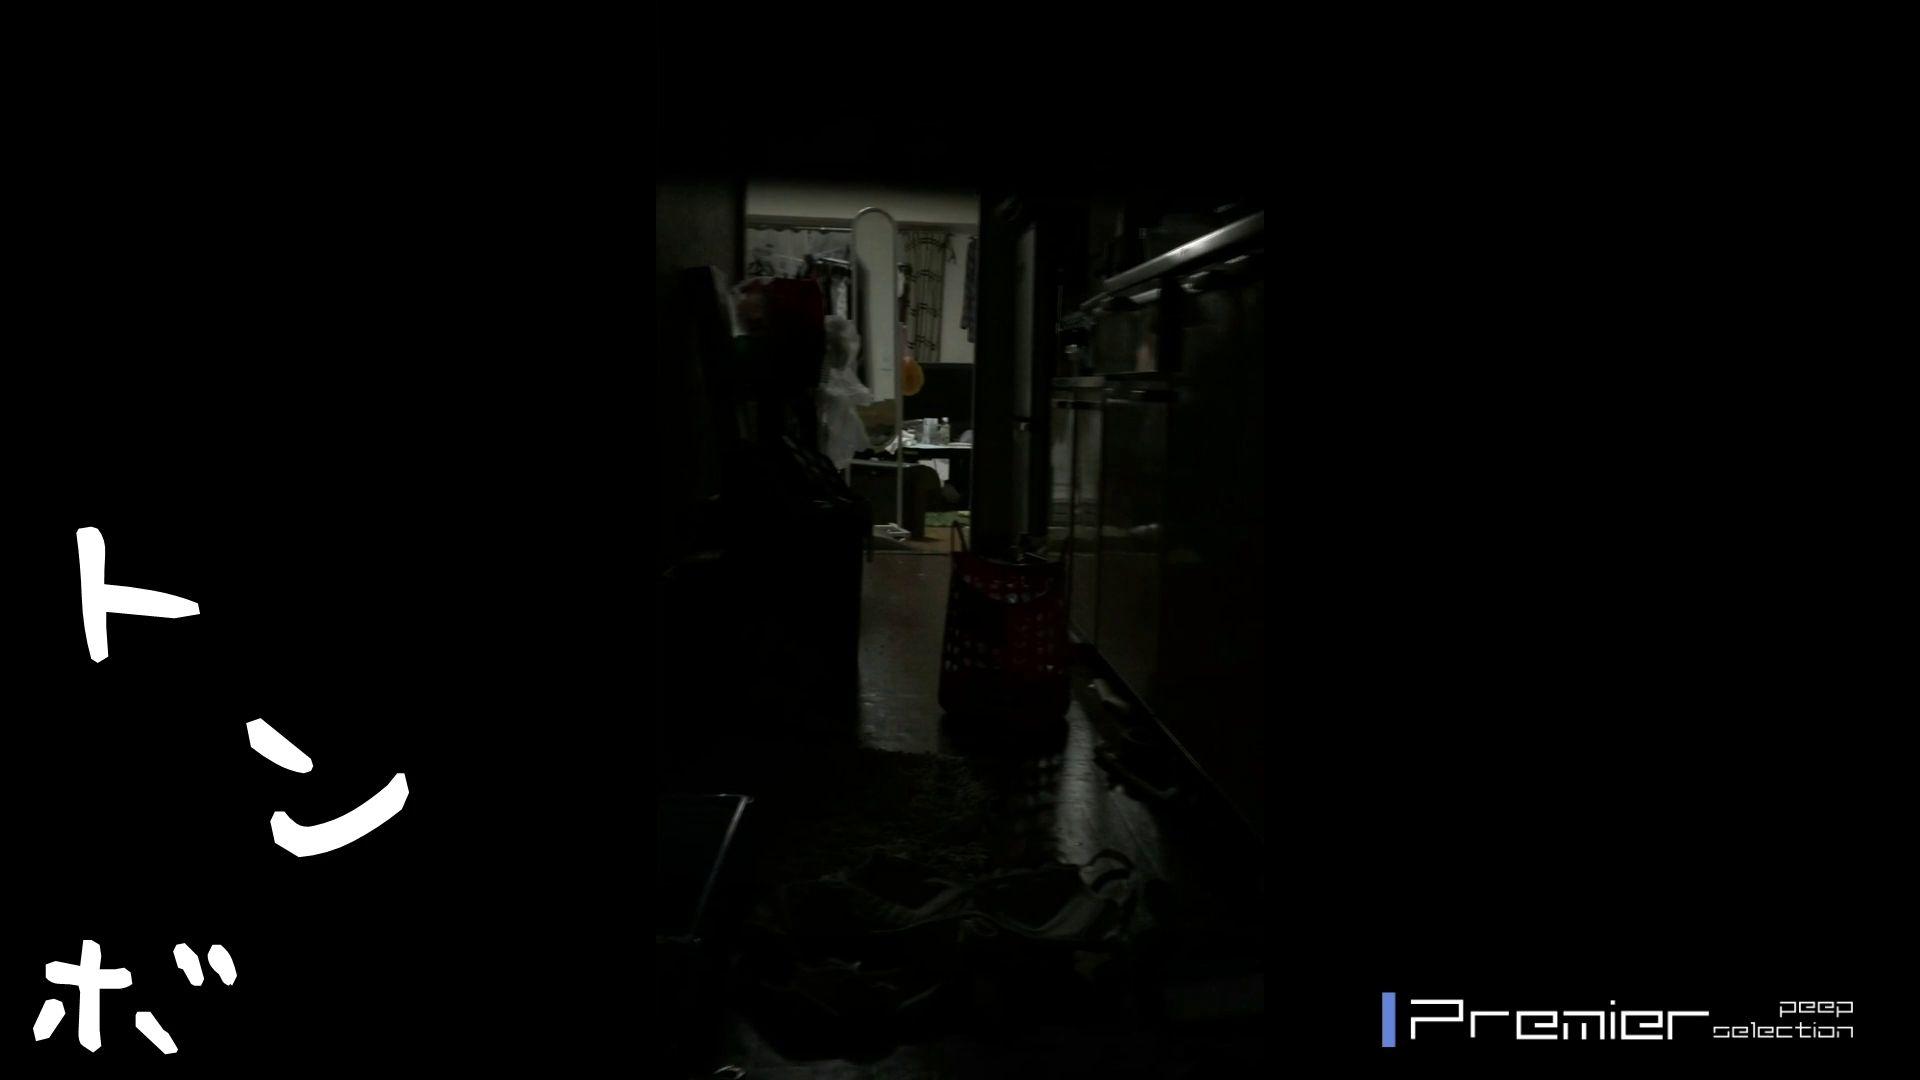 美女達の私生活に潜入!一人暮らし女子大生のマル秘プライベート 高画質動画 ぱこり動画紹介 17画像 3